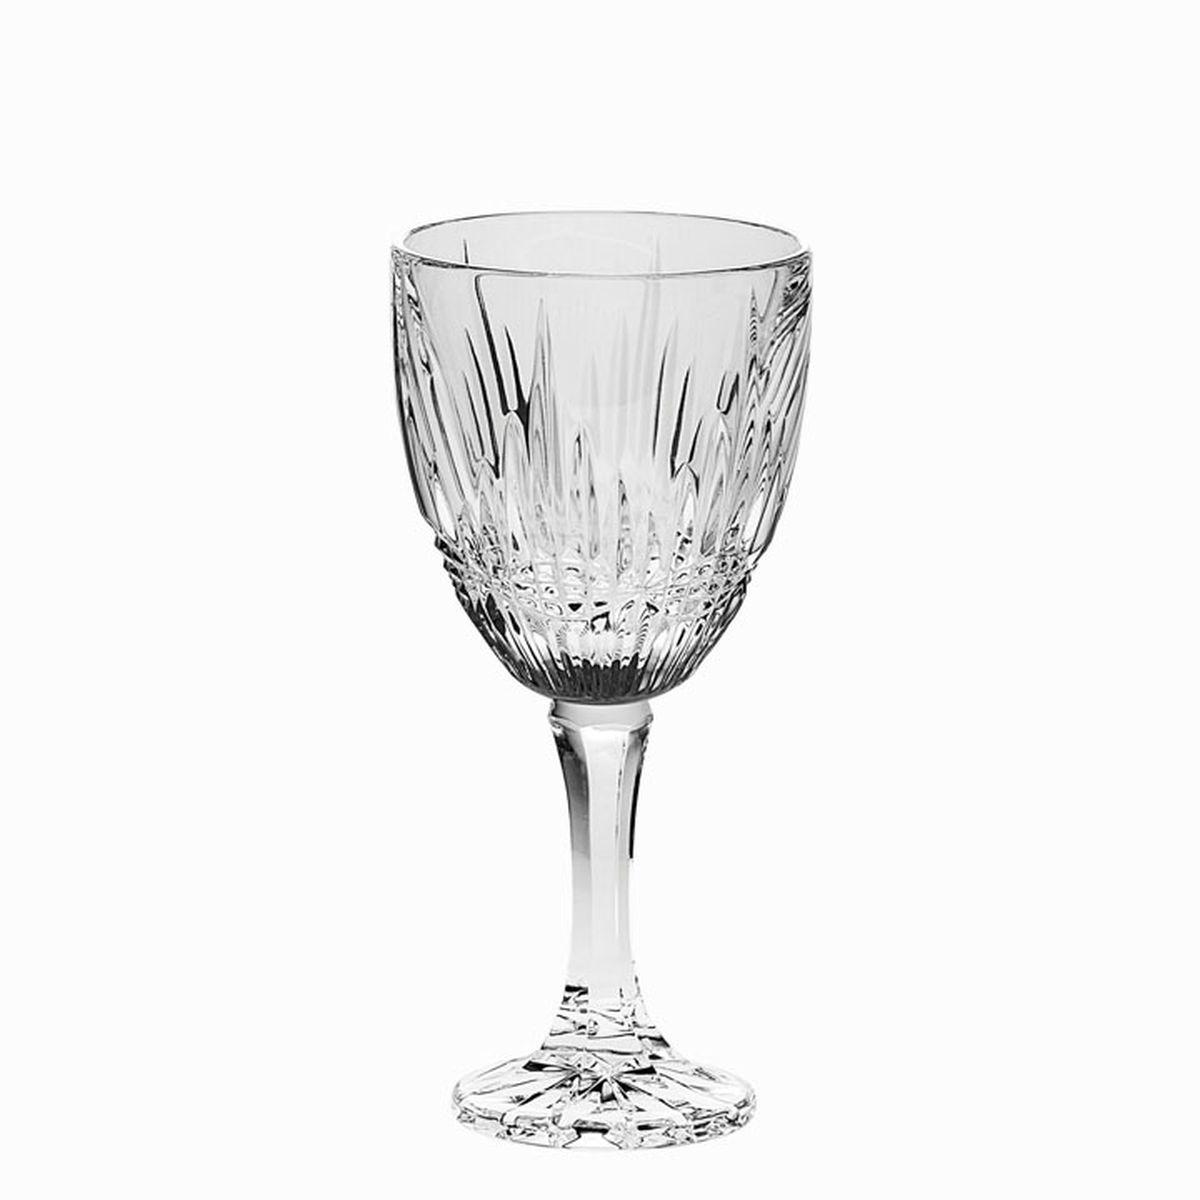 Набор рюмок для вина Crystal Bohemia Vibes, 250 мл, 6 шт990/12520/0/24355/250-609Набор Crystal Bohemia включает 6 рюмок для вина, выполненных из хрусталя. Это настоящий чешский хрусталь с содержанием оксида свинца 24%, что придает изделиям поразительную прозрачность и чистоту, невероятный блеск, присущий только ювелирным изделиям, особое, ни с чем не сравнимое светопреломление и игру всеми красками спектра как при естественном, так и при искусственном освещении. Продукция из хрусталя соответствует всем европейским и российским стандартам качества и безопасности. Традиции чешских мастеров передаются из поколения в поколение, а высокая художественная ценность изделий признана искушенными ценителями во всем мире.